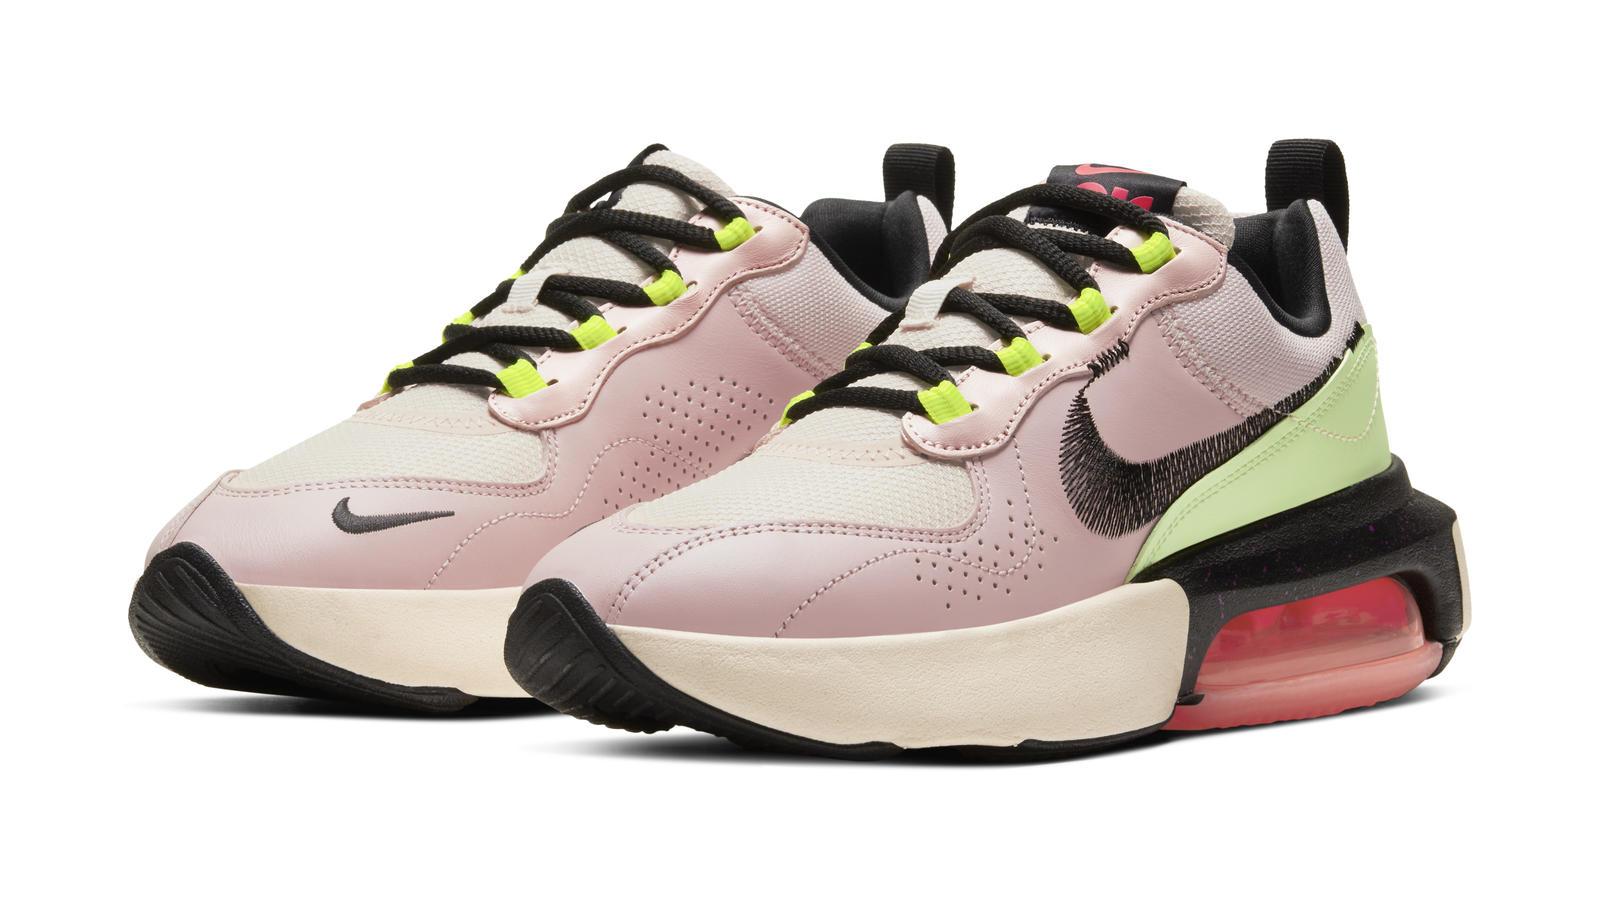 nike air max verona, air max 90, sneakers, 30 sneakers